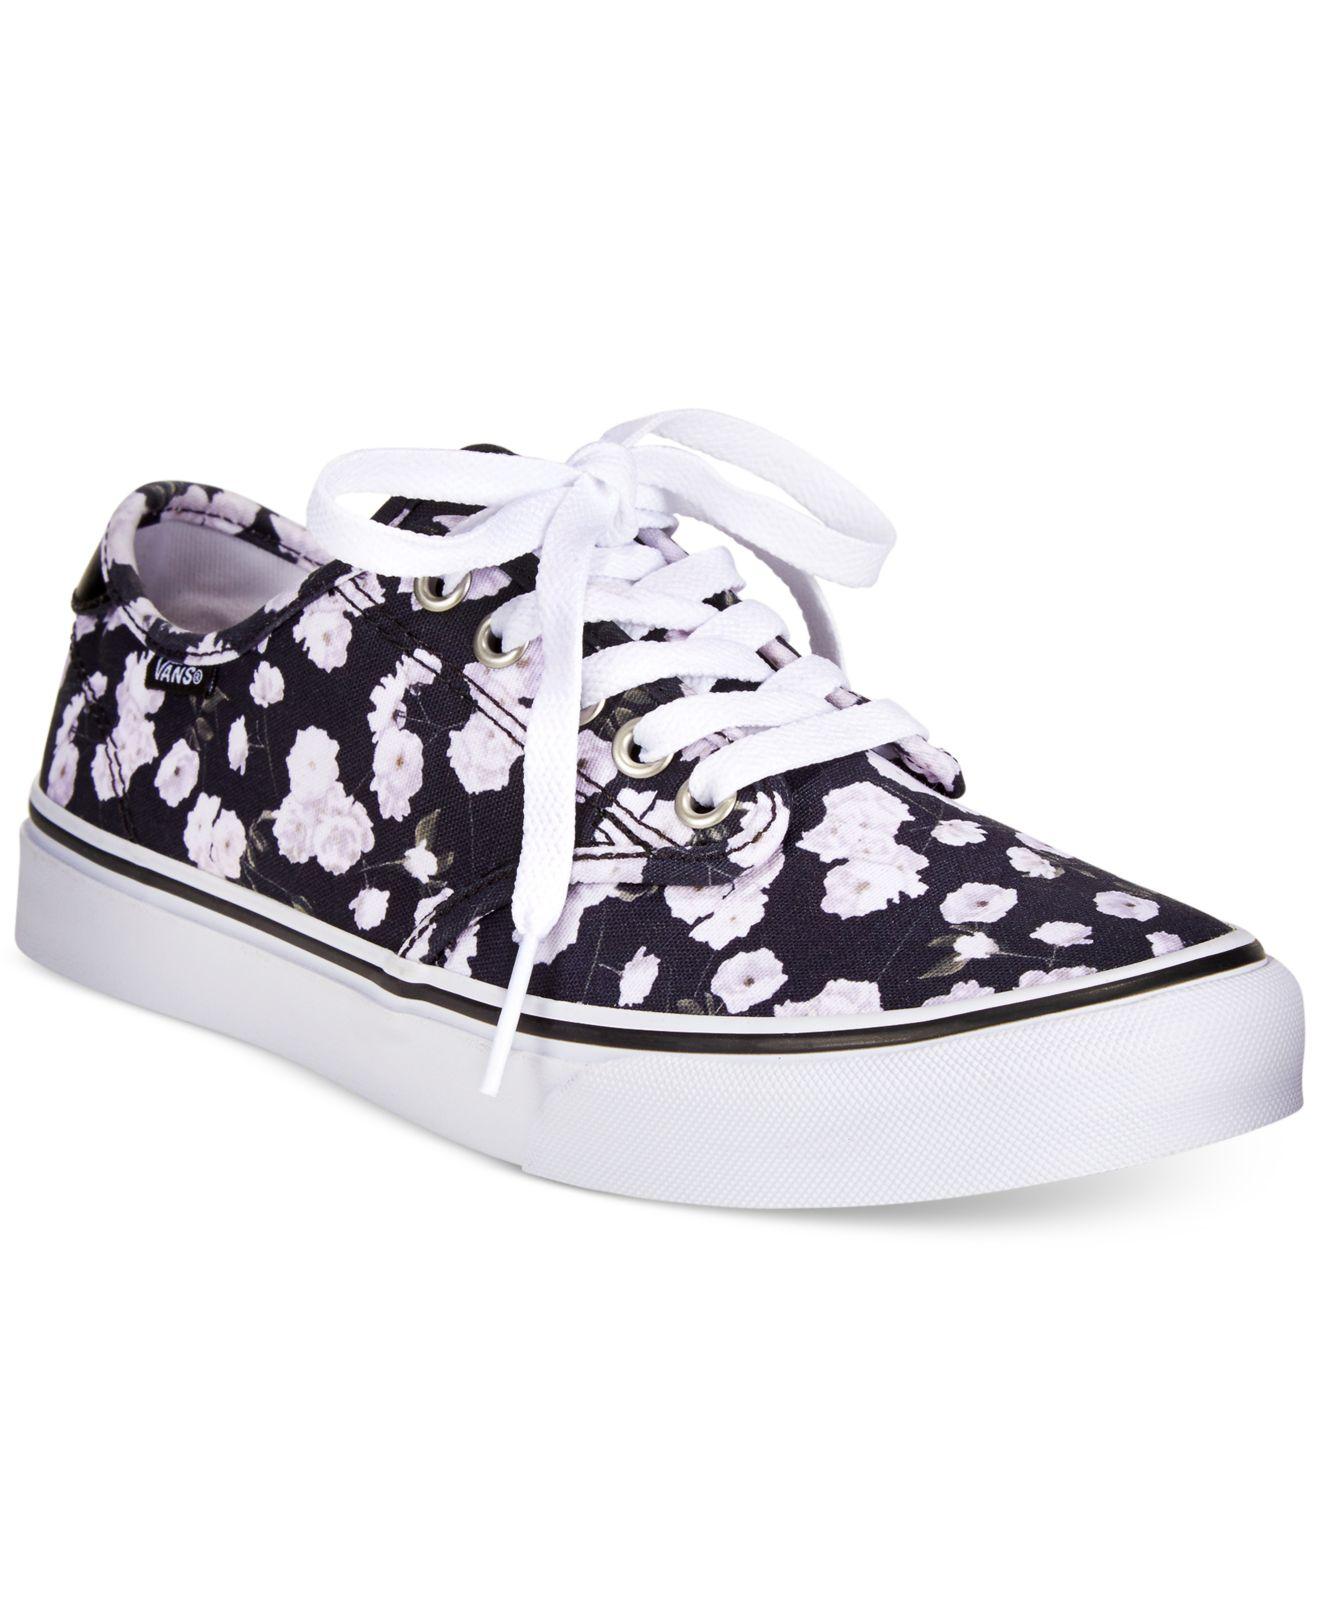 5c18d7ffeeba Lyst - Vans Women s Camden Floral Sneakers